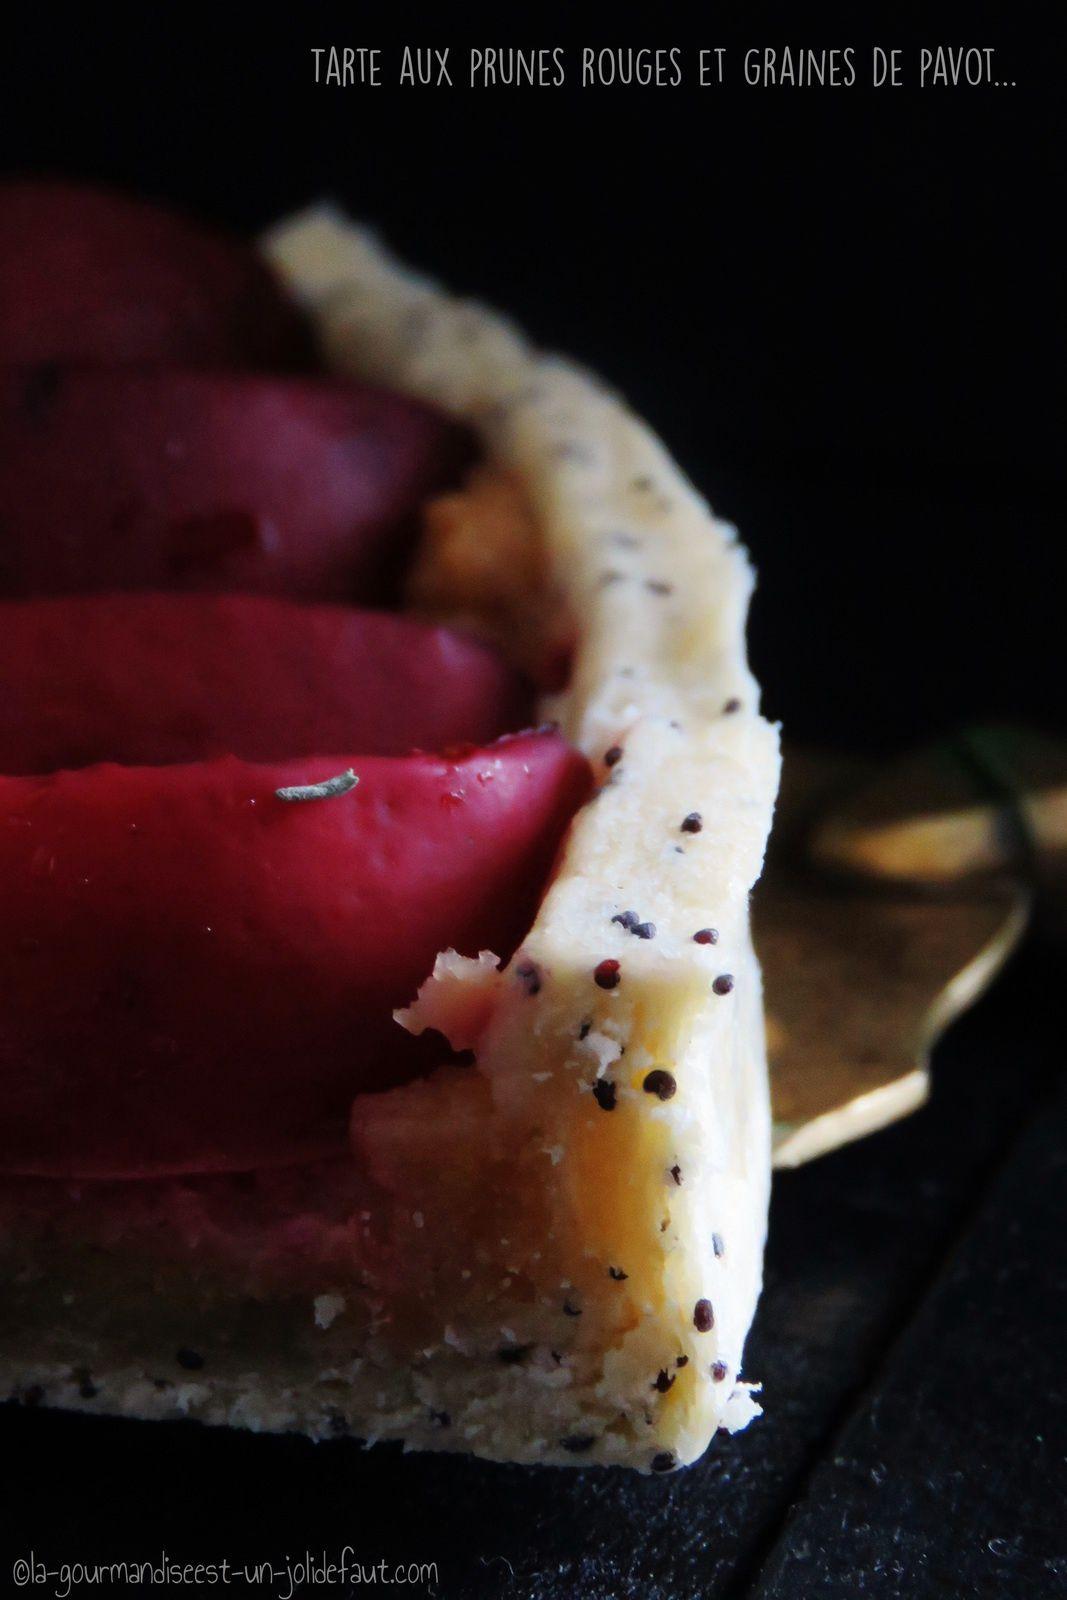 Tarte aux prunes rouge et pavot